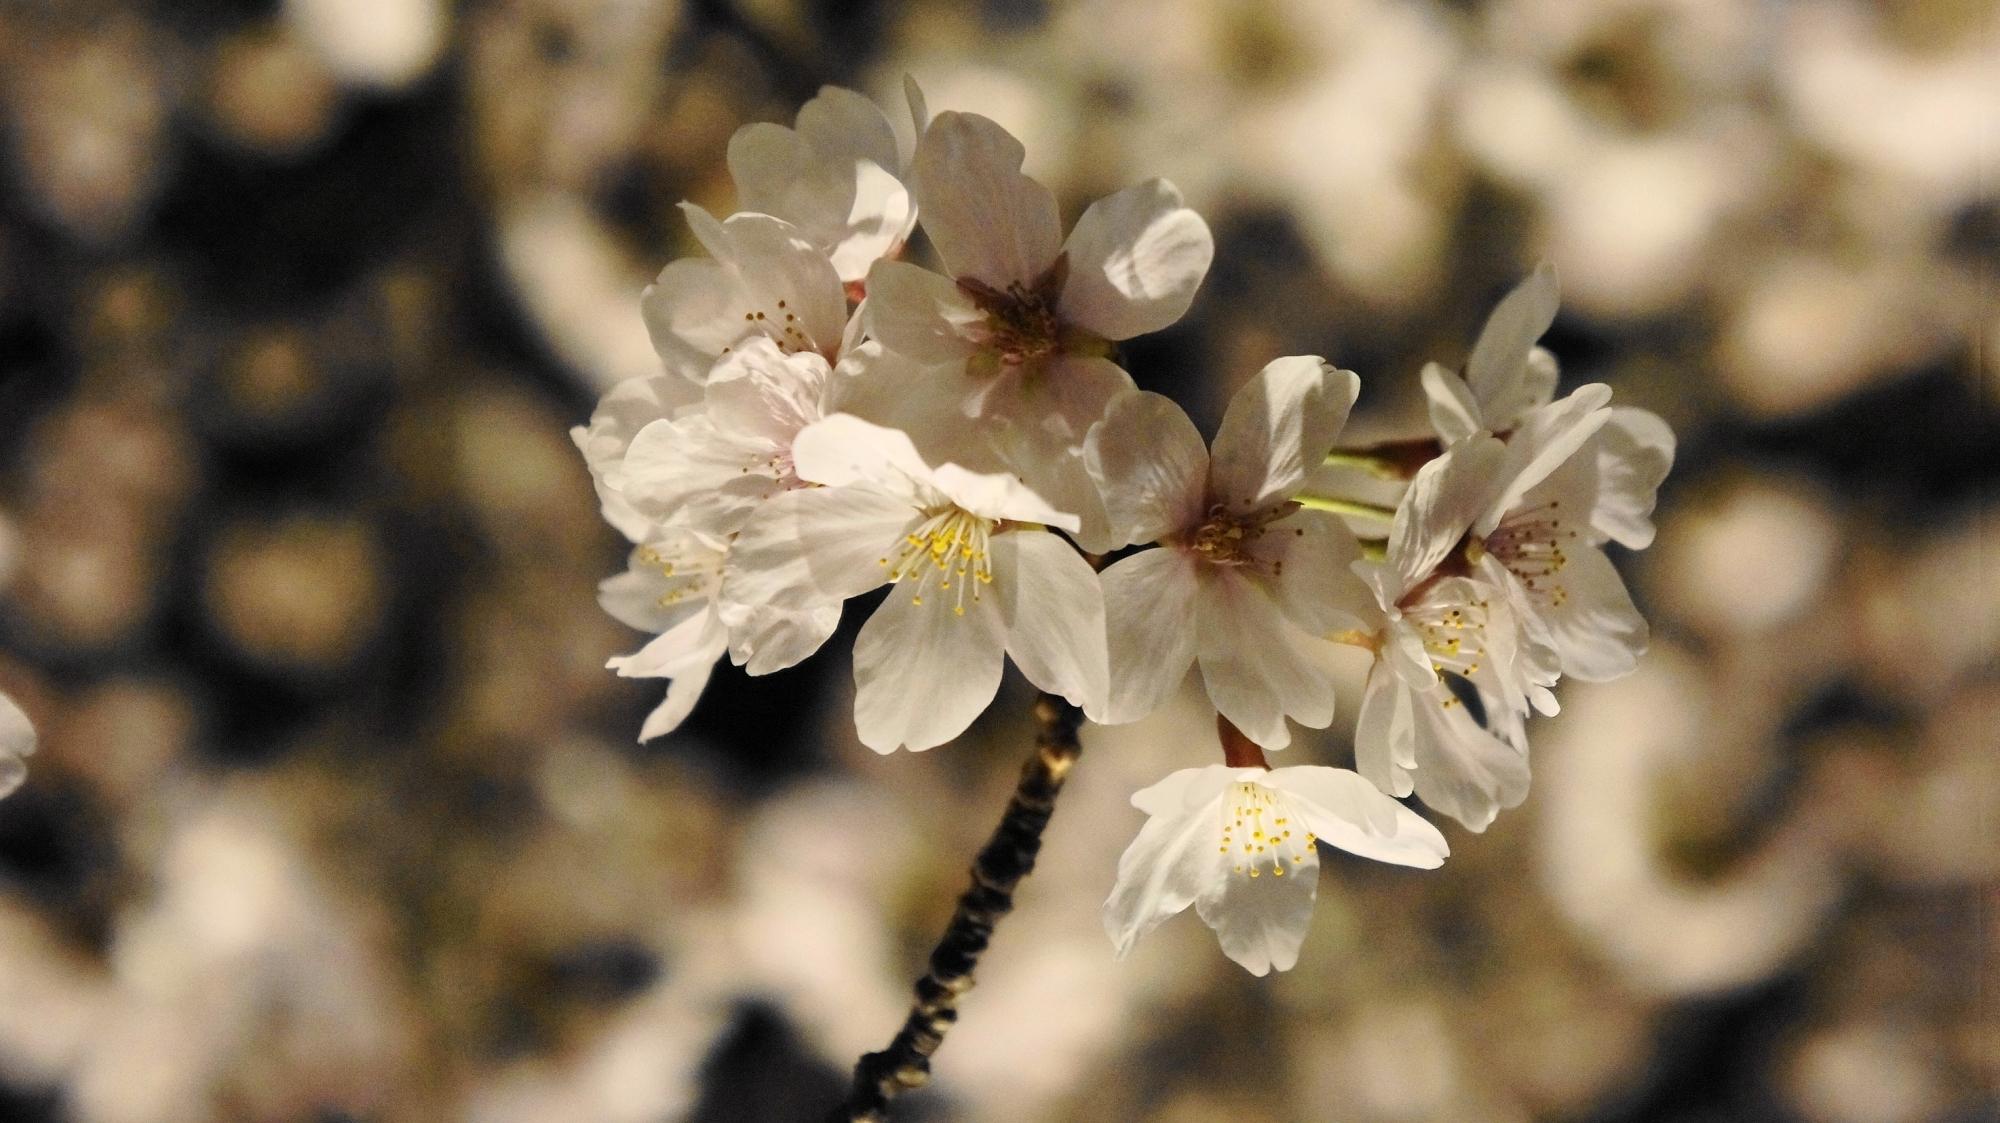 桜の名所の岡崎回廊の夜桜ライトアップ